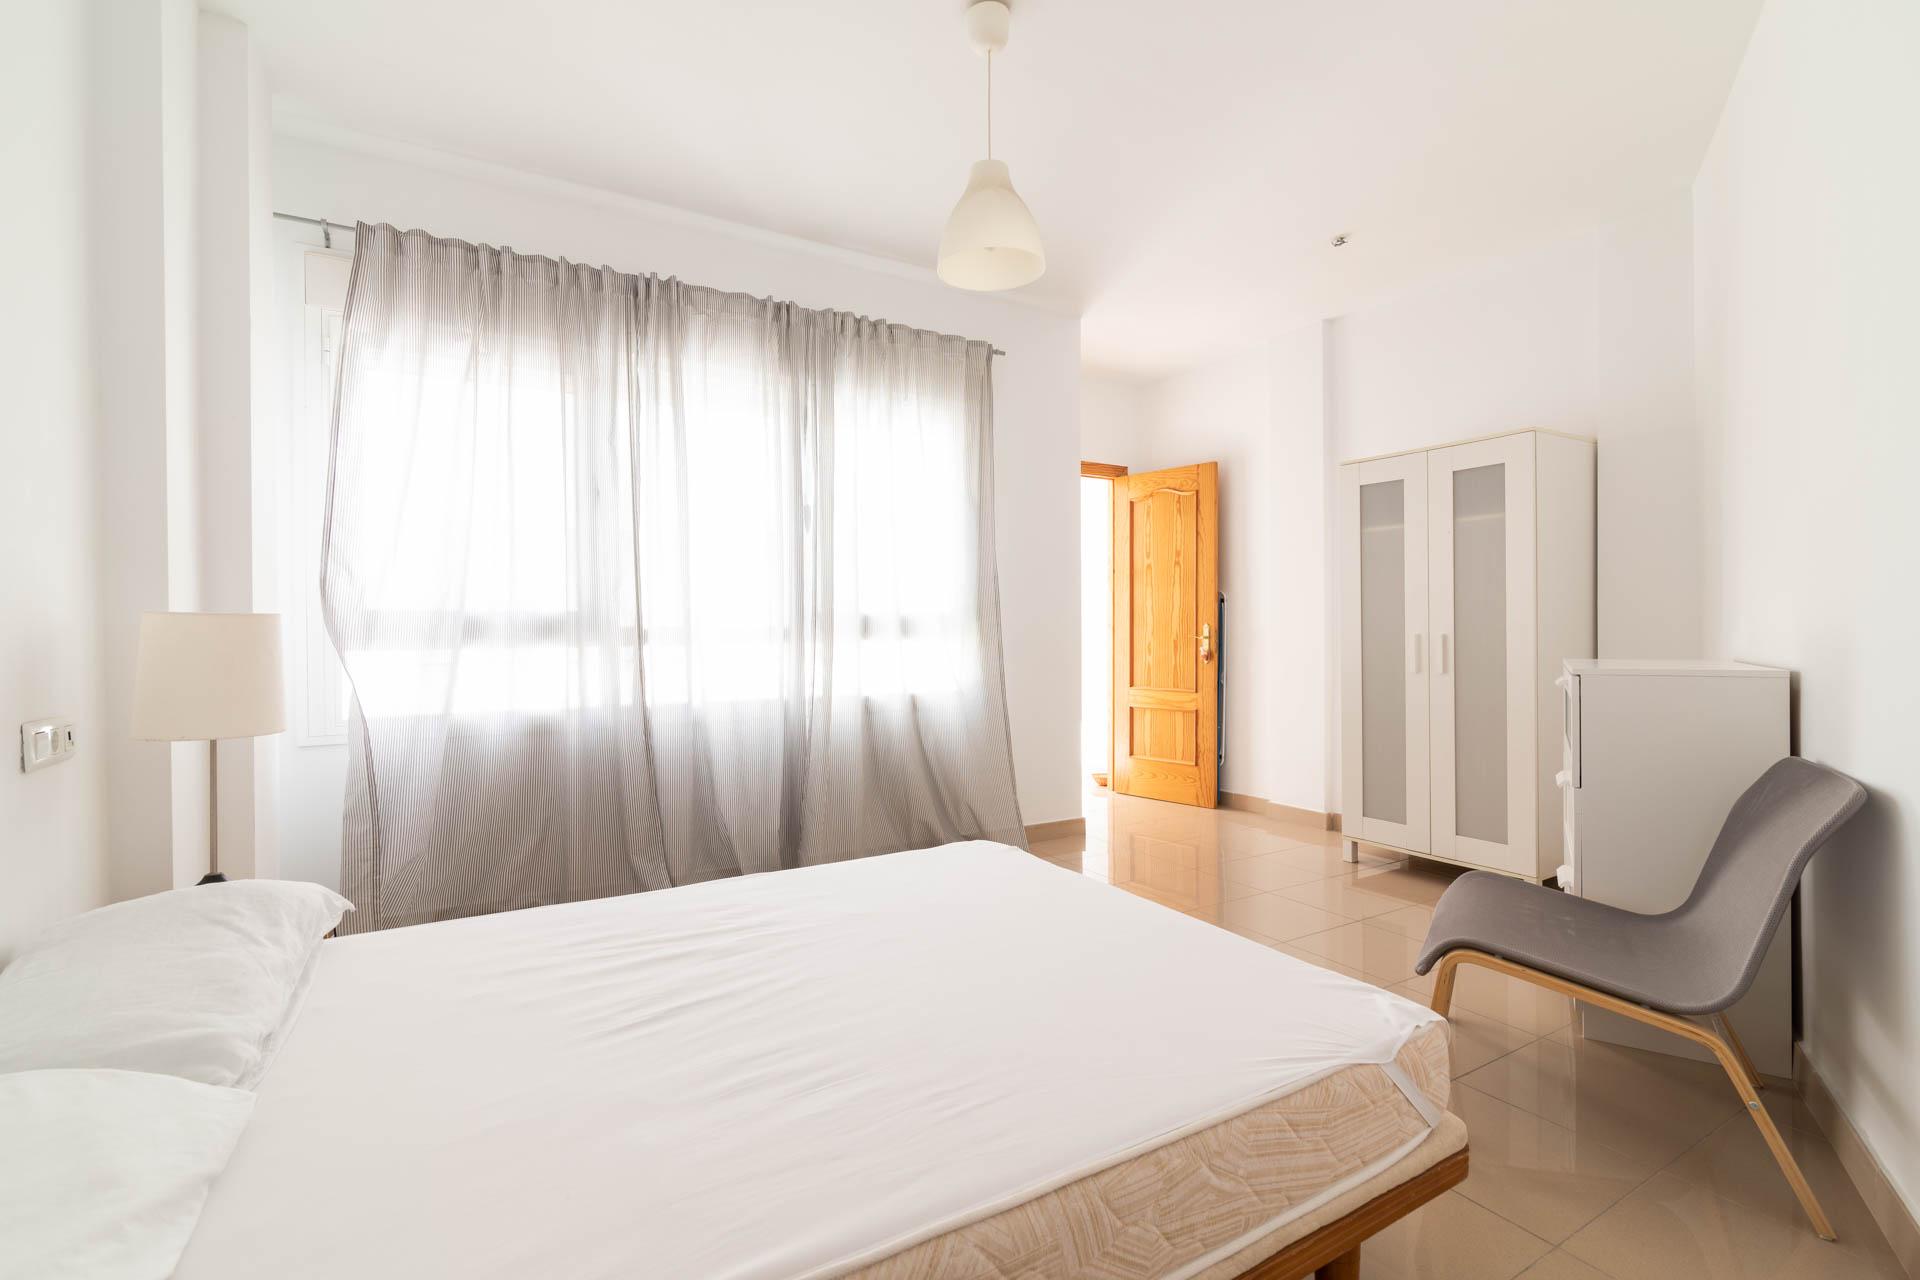 apartamento-clavel-dormitorio